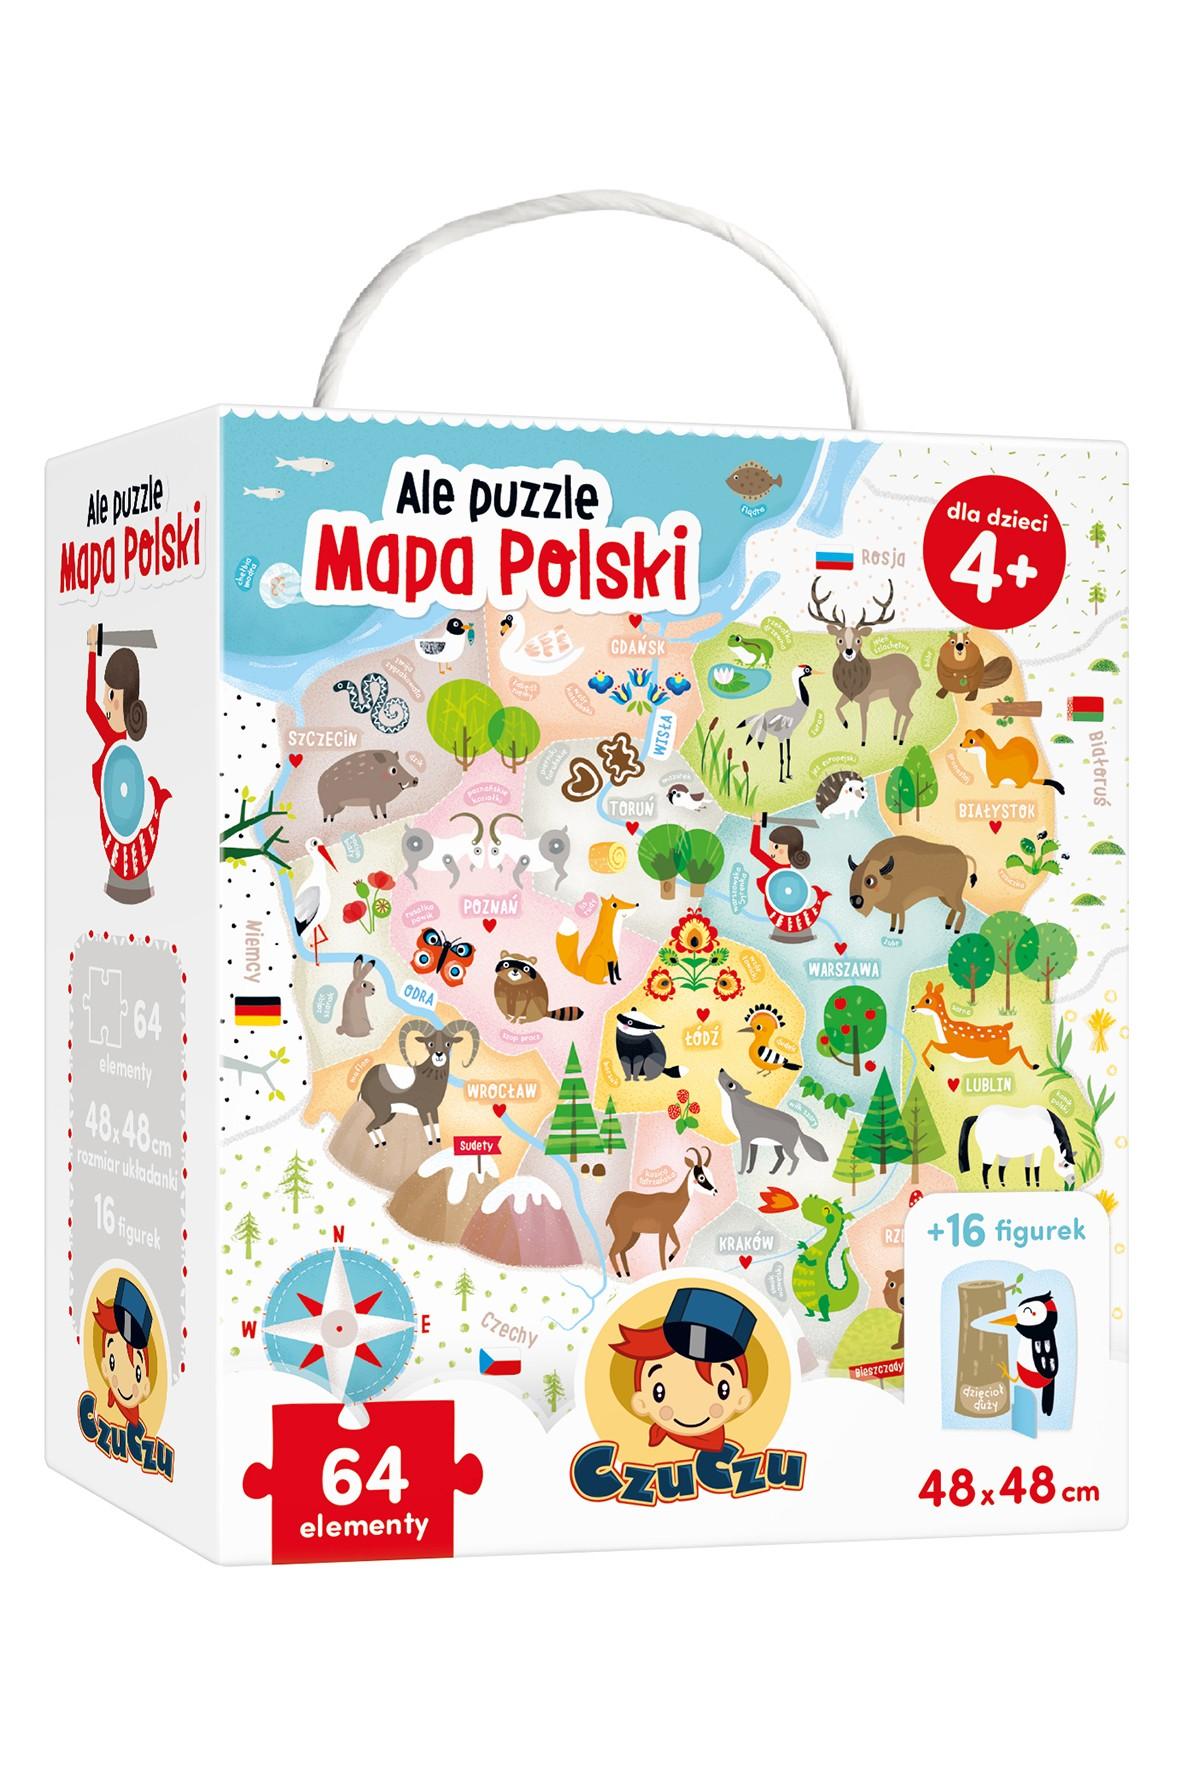 """Ale puzzle """"Mapa Polski"""" CzuCzu 64el 4+"""